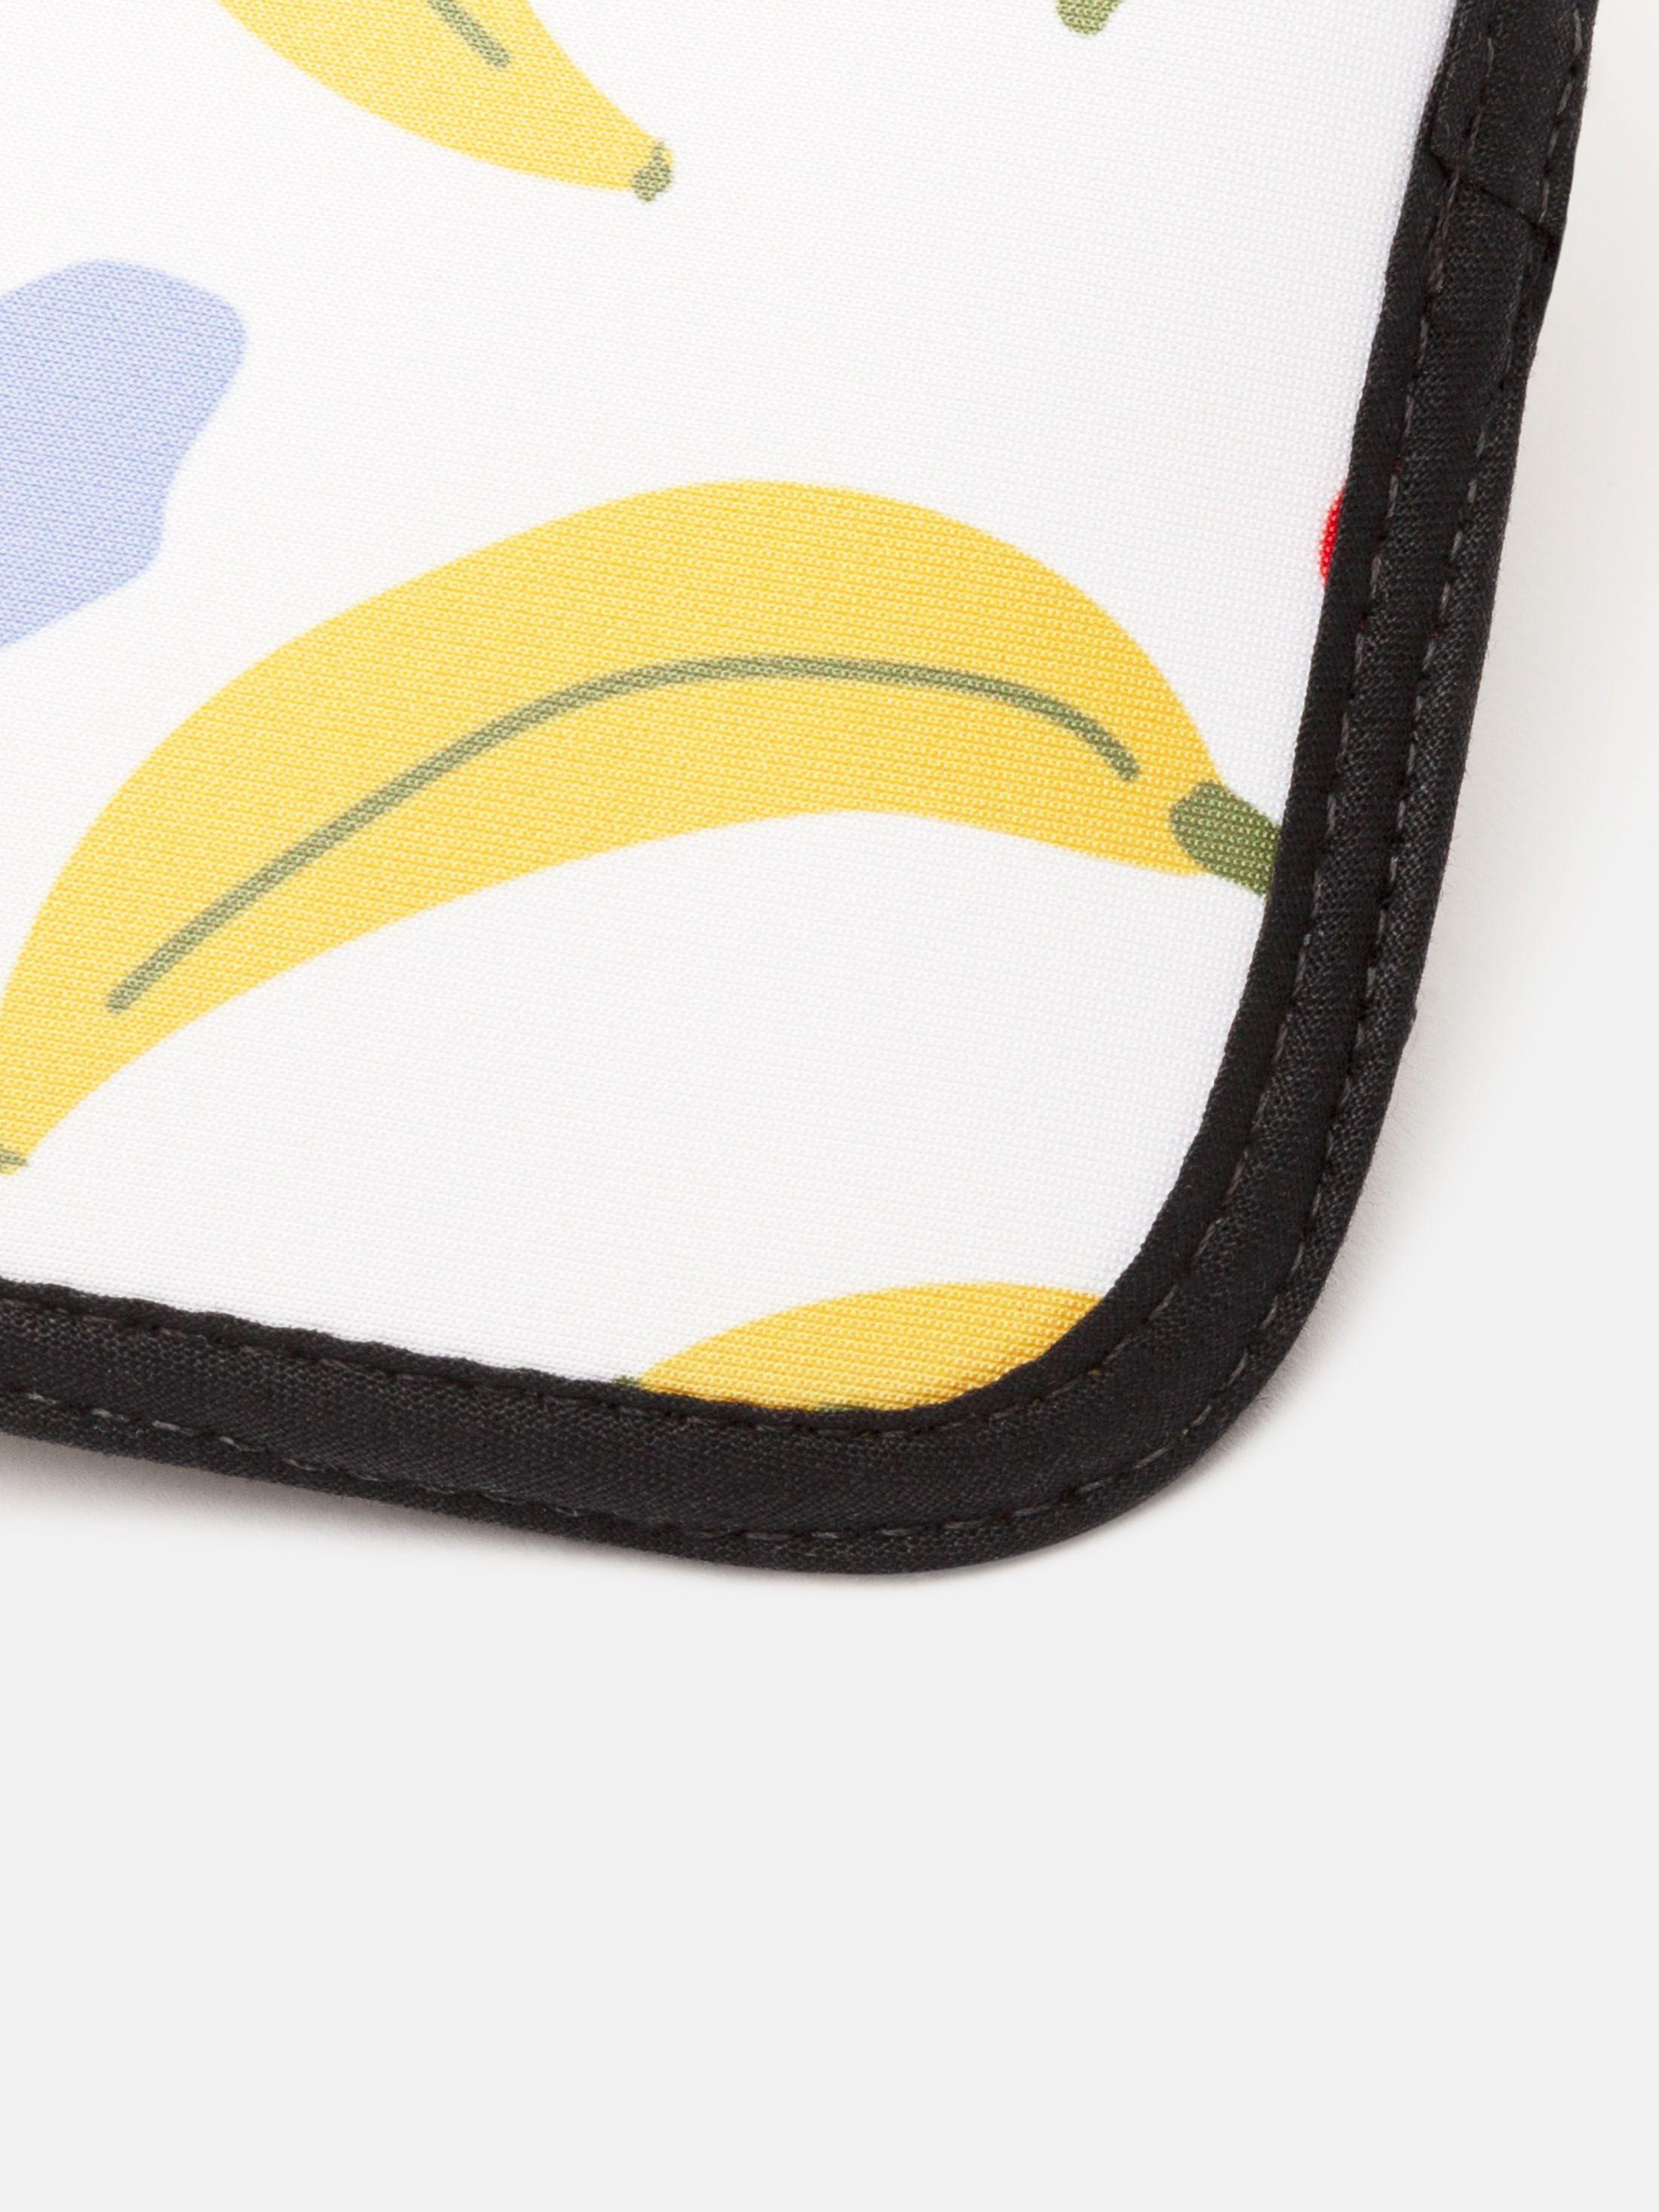 Housse pour iPad mini personnalisée avec design